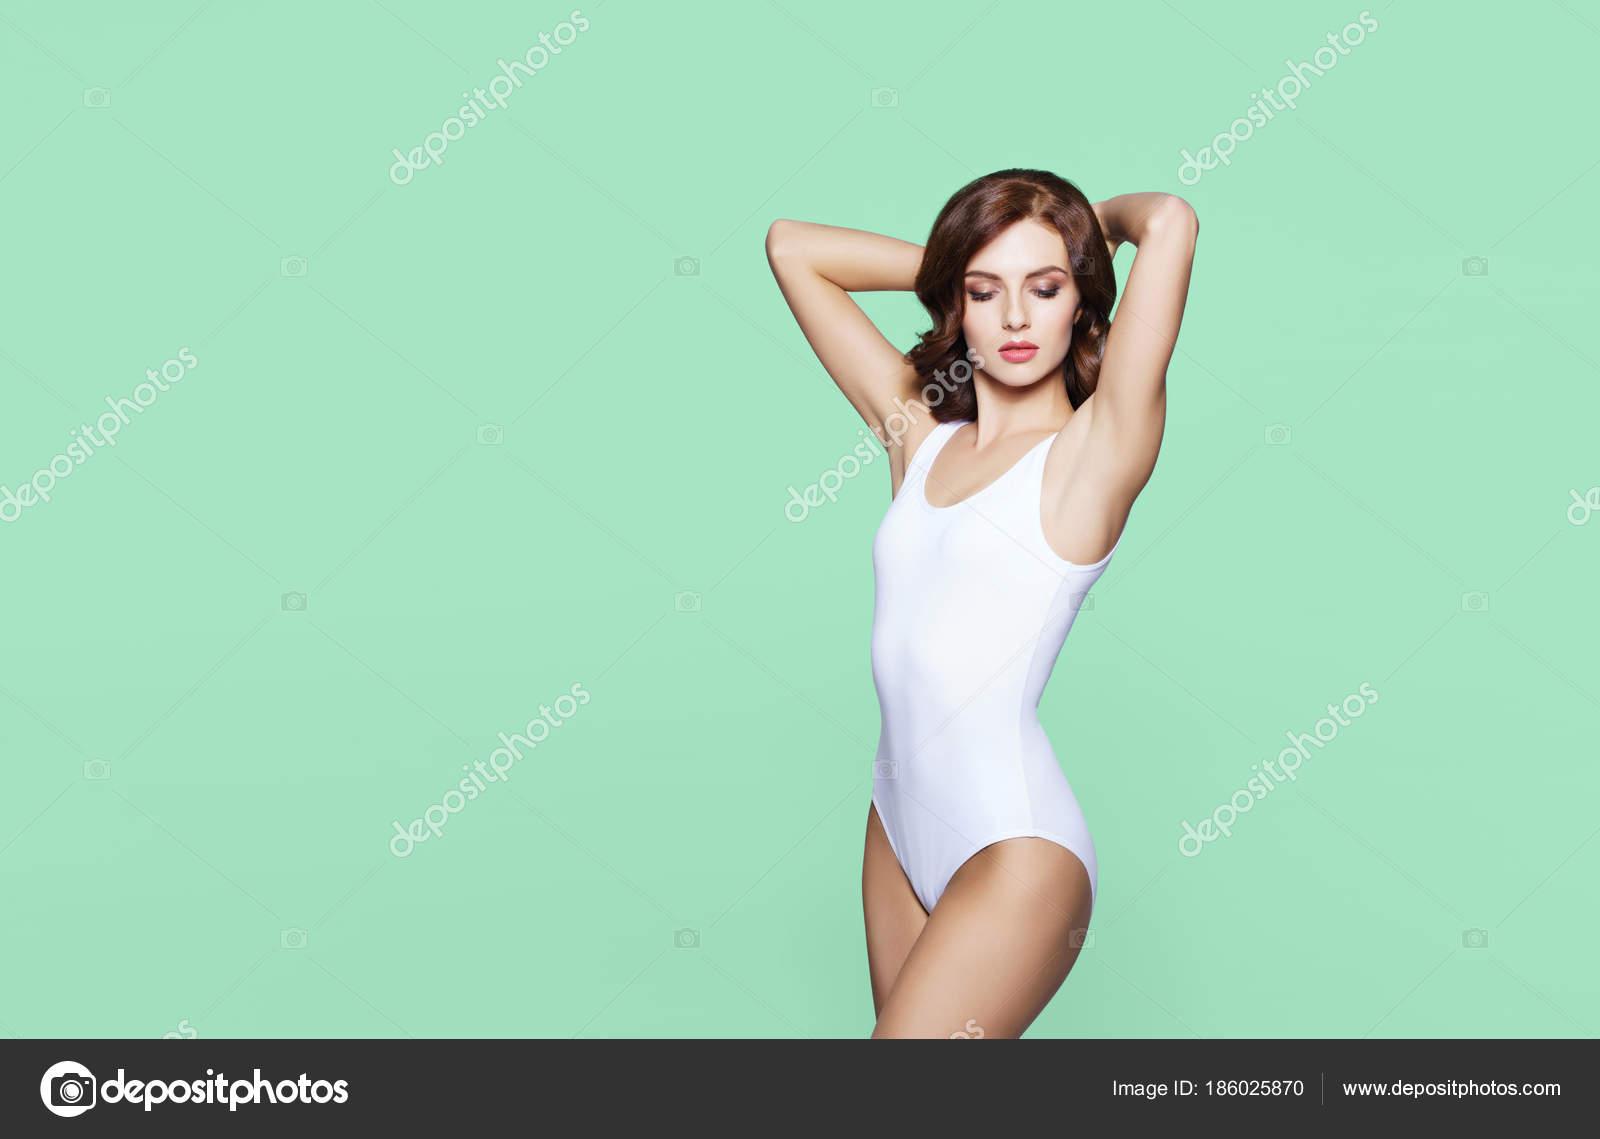 Photos érotiques de femmes sarcelles